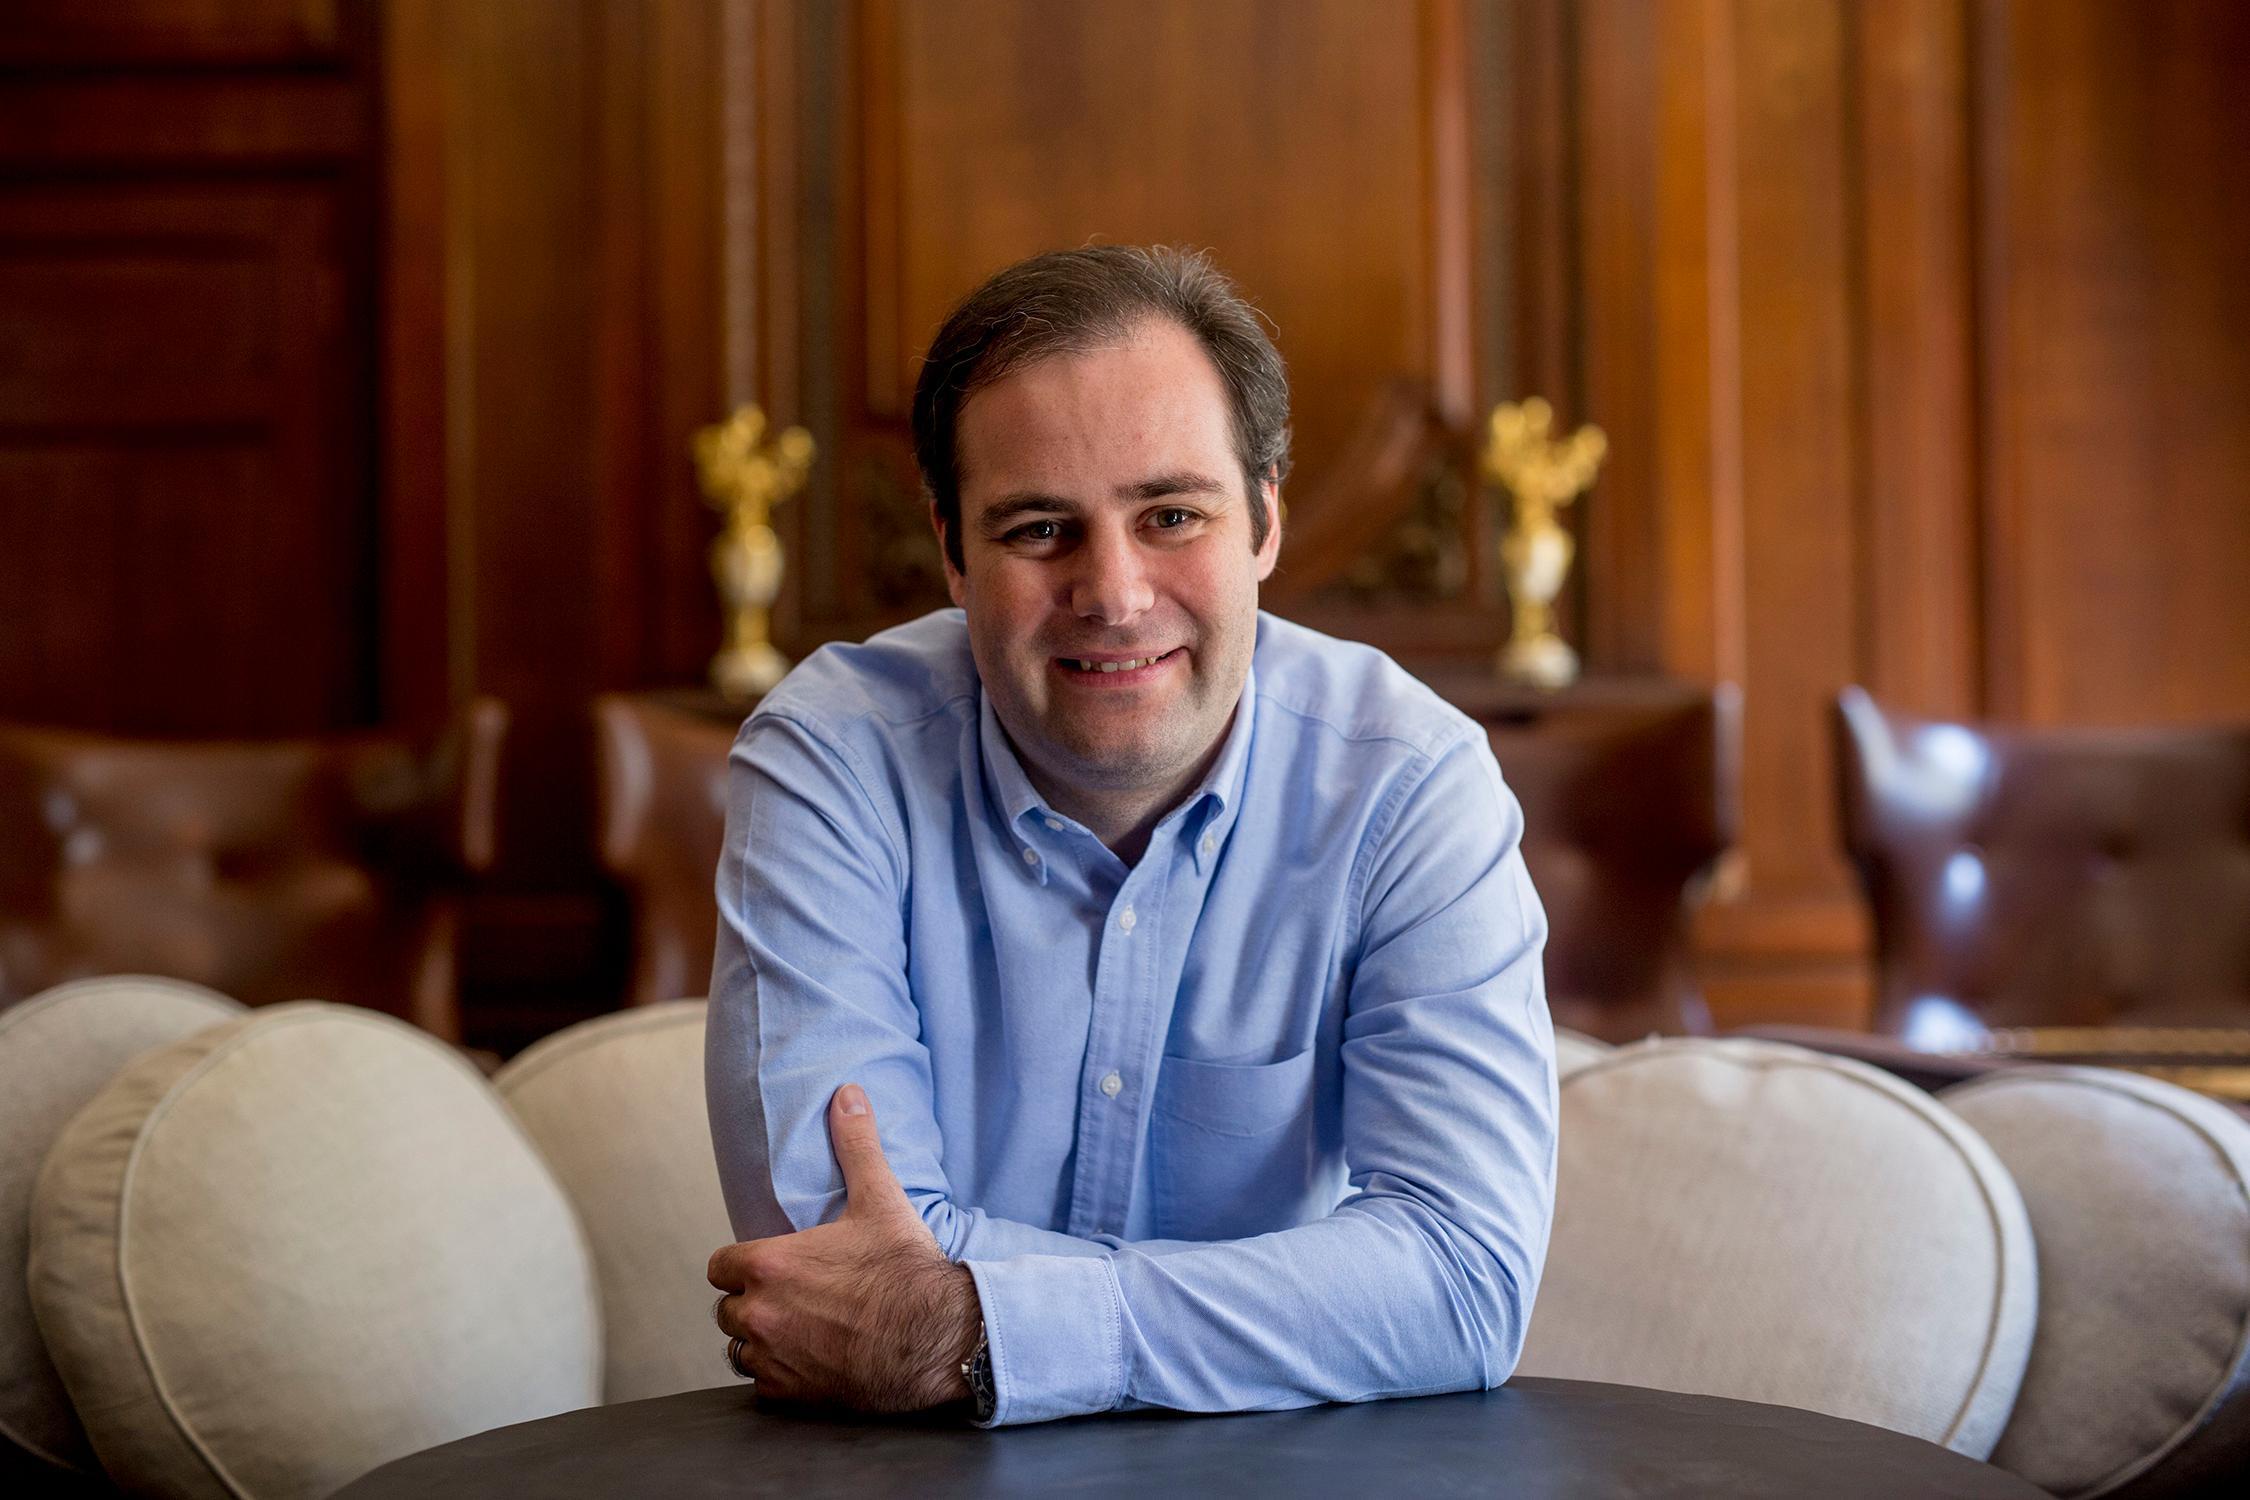 Ben Delo, l'ex studente di Oxford diventa il più giovane miliardario bitcoin della Gran Bretagna